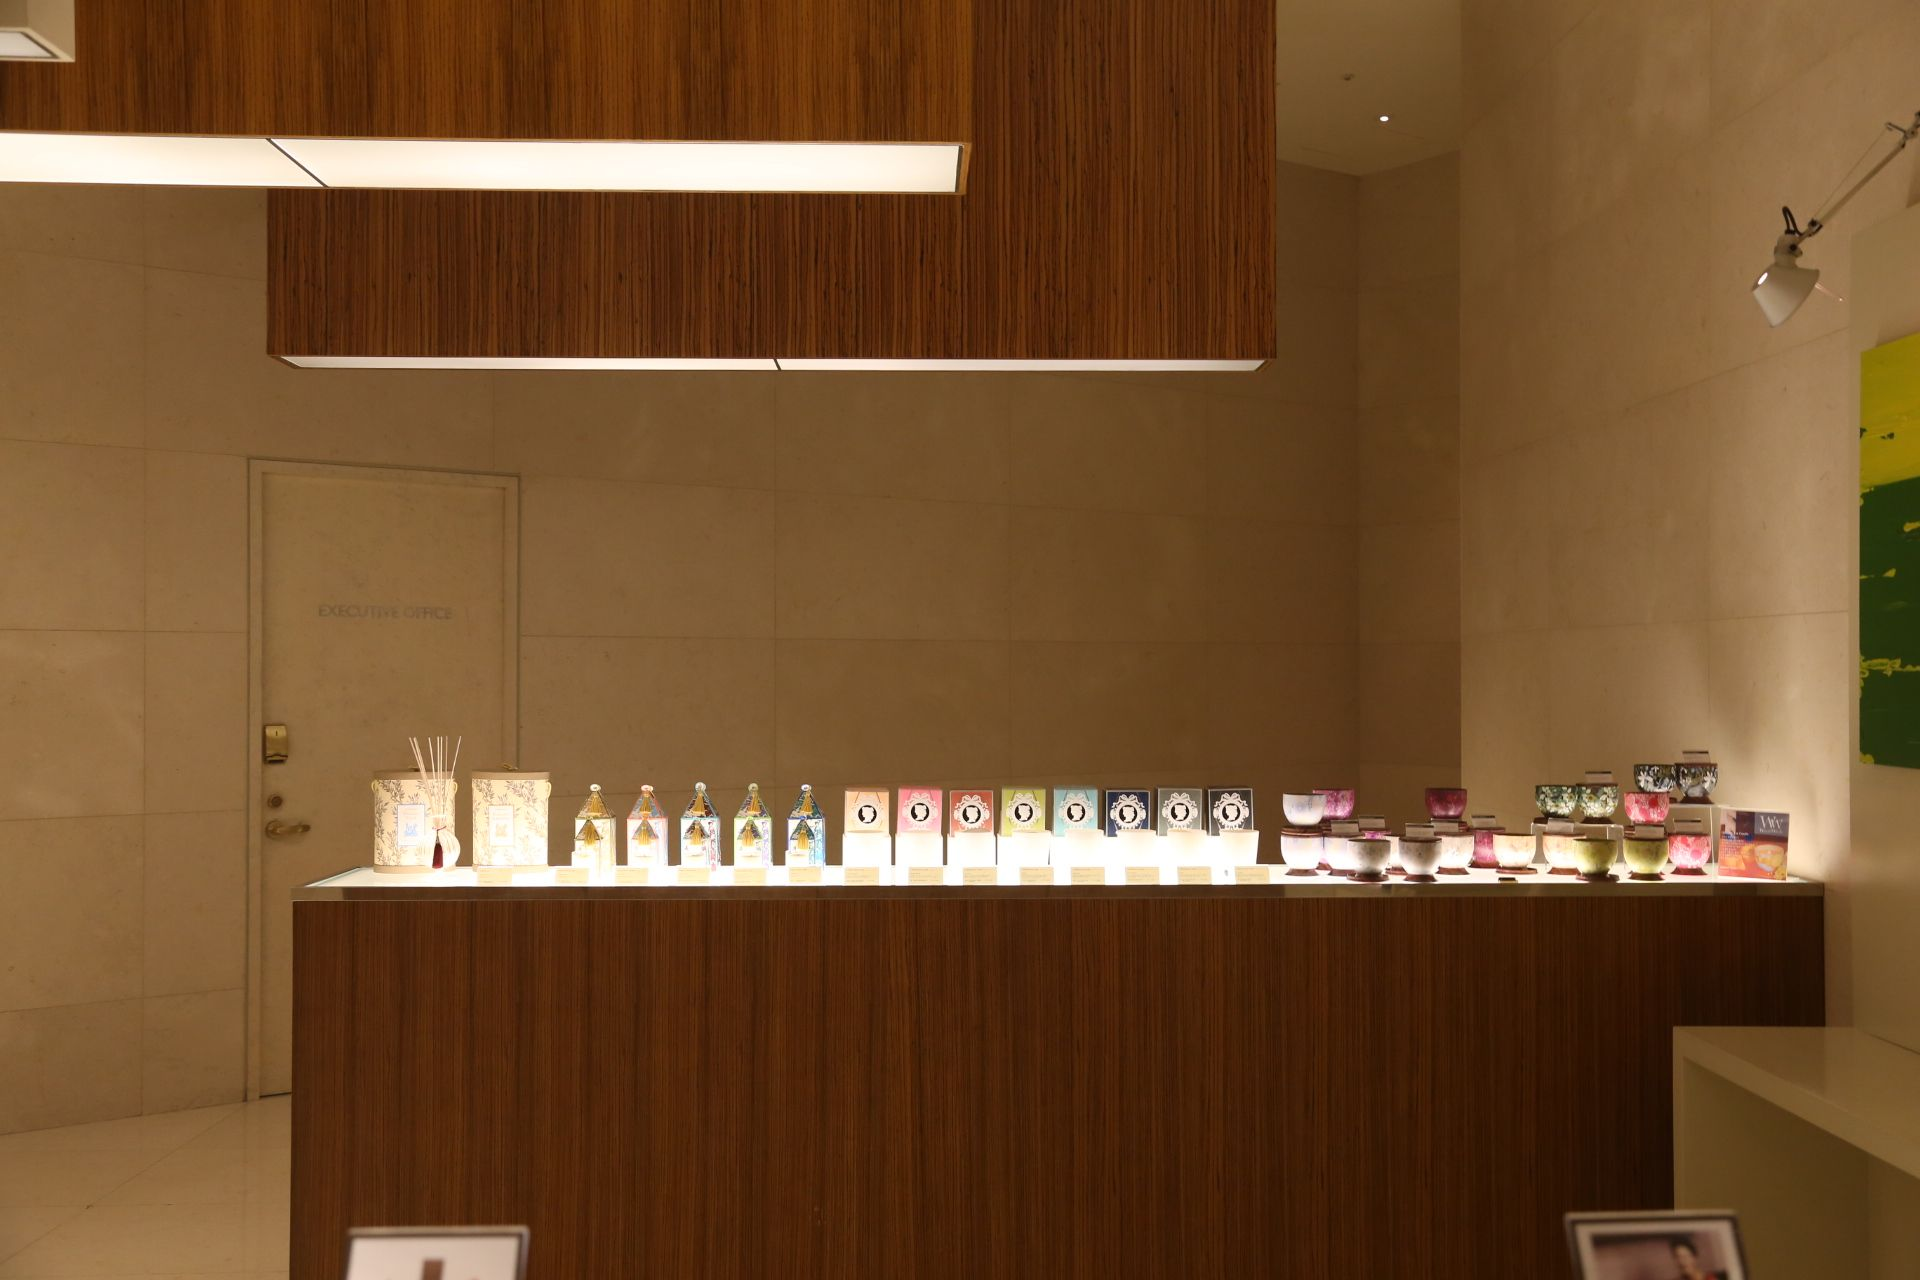 커팅 엣지 패션 W호텔 &쎄씨(CUTTING EDGE FASHION W HOTELS & CeCI)  아시아 트렌드 매거진 '쎄씨(CeCi)'와 'W 서울 워커힐 호텔'이 공동으로 개최하는 패션쇼 '커팅 엣지 패션 W호텔 & 쎄씨'가 28일 저녁 7시30분 서울 광장동 W호텔 비스타홀에서 열렸다.   관련기사 http://article.joins.com/news/article/article.asp?total_id=13265414 우리들한의원 홈피 Wooreedul Korean Medicine Clinic English HP http://www.iwooridul.com/english 日本語HP http://www.iwooridul.com/japan 中國語 HP http://www.iwooridul.com/chinese 무료앱 free app http://www.iwooridul.com/app-update